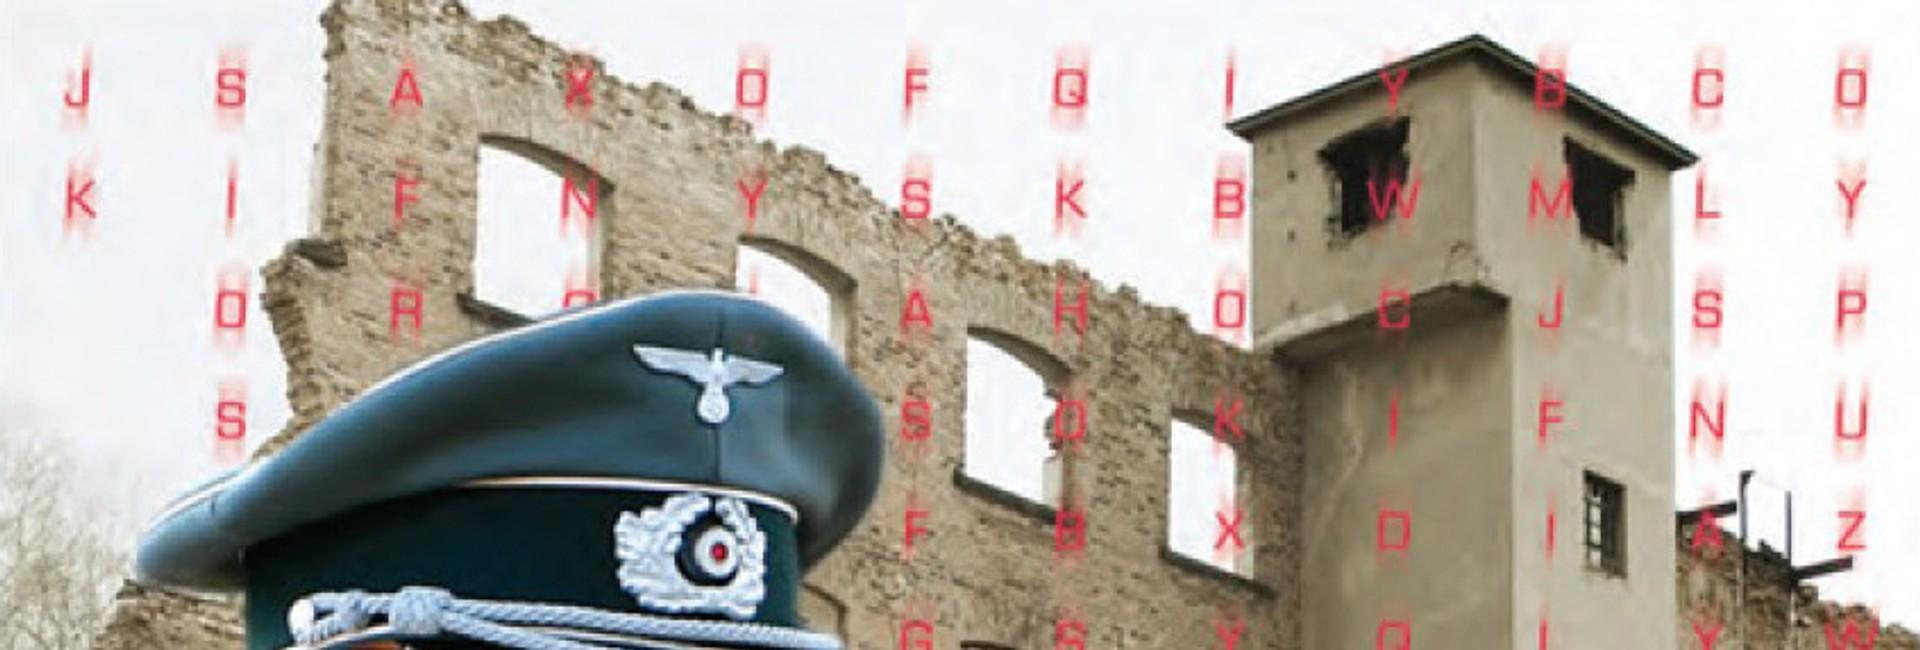 Tajemství šifrovací věže